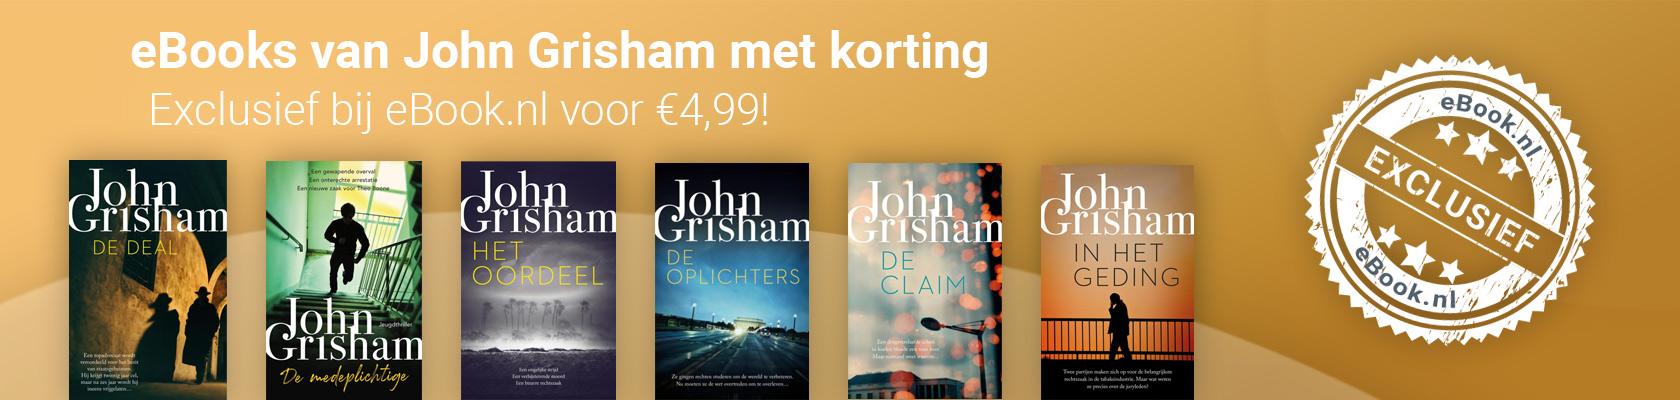 John Grisham exclusief bij eBook.nl